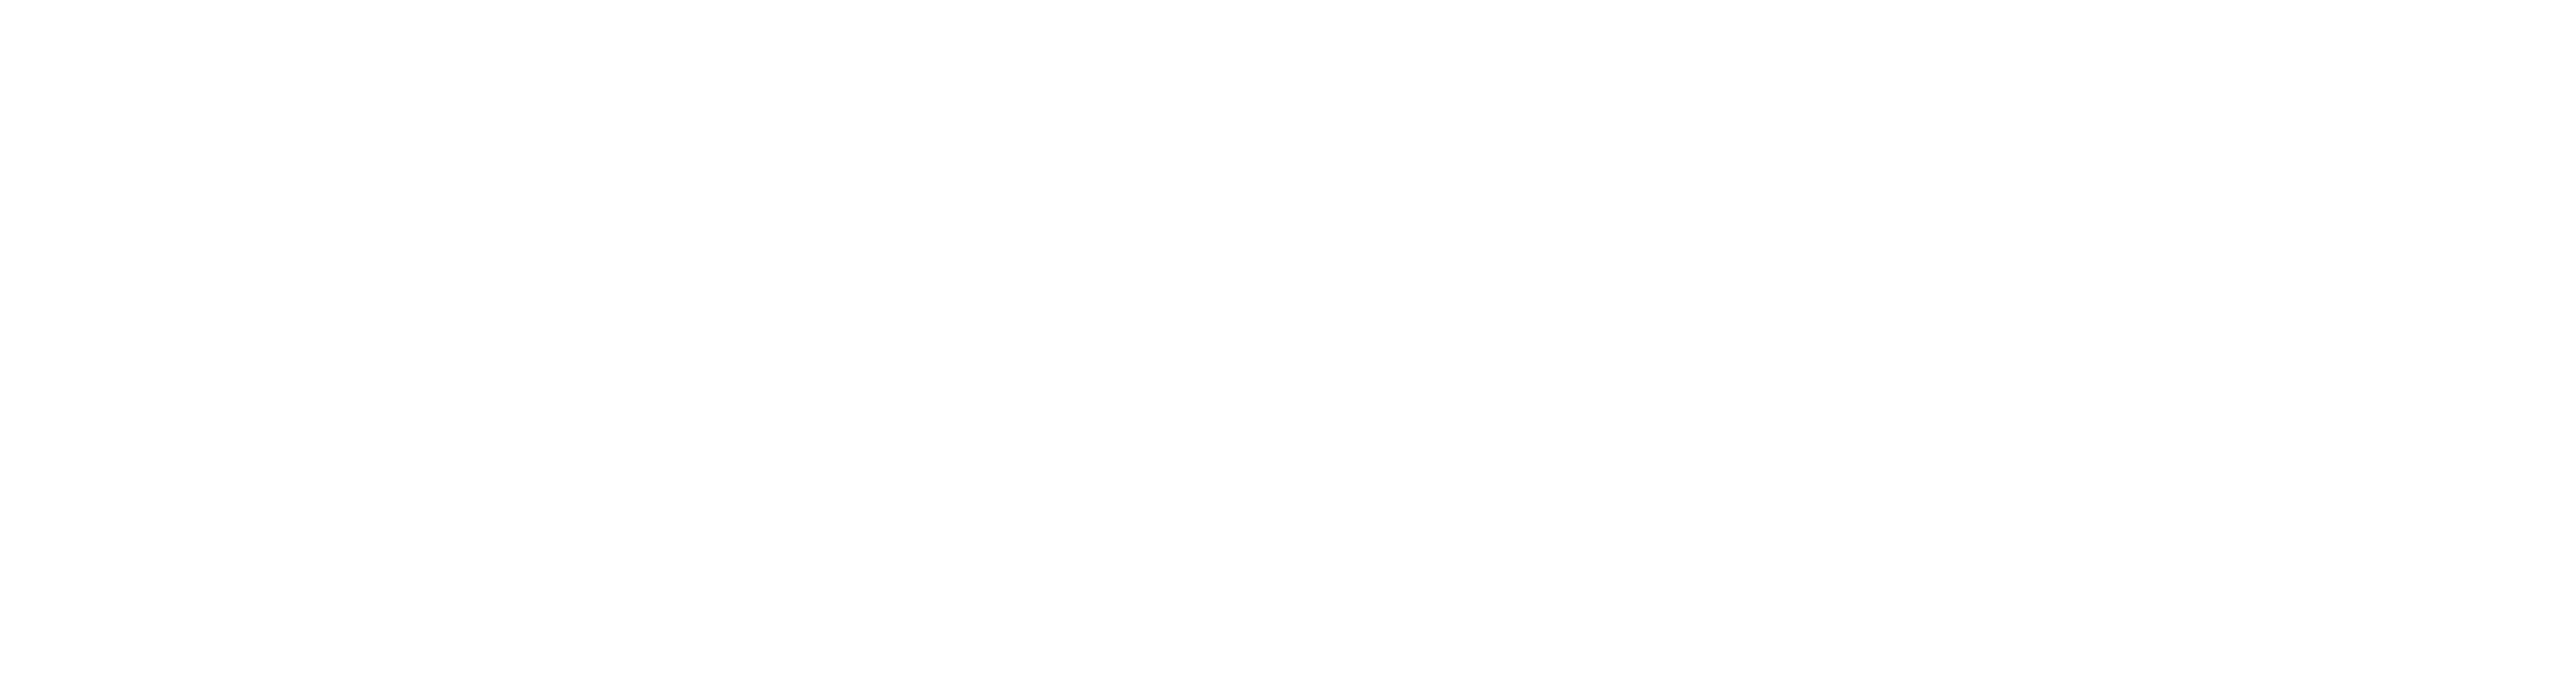 Compare Parts